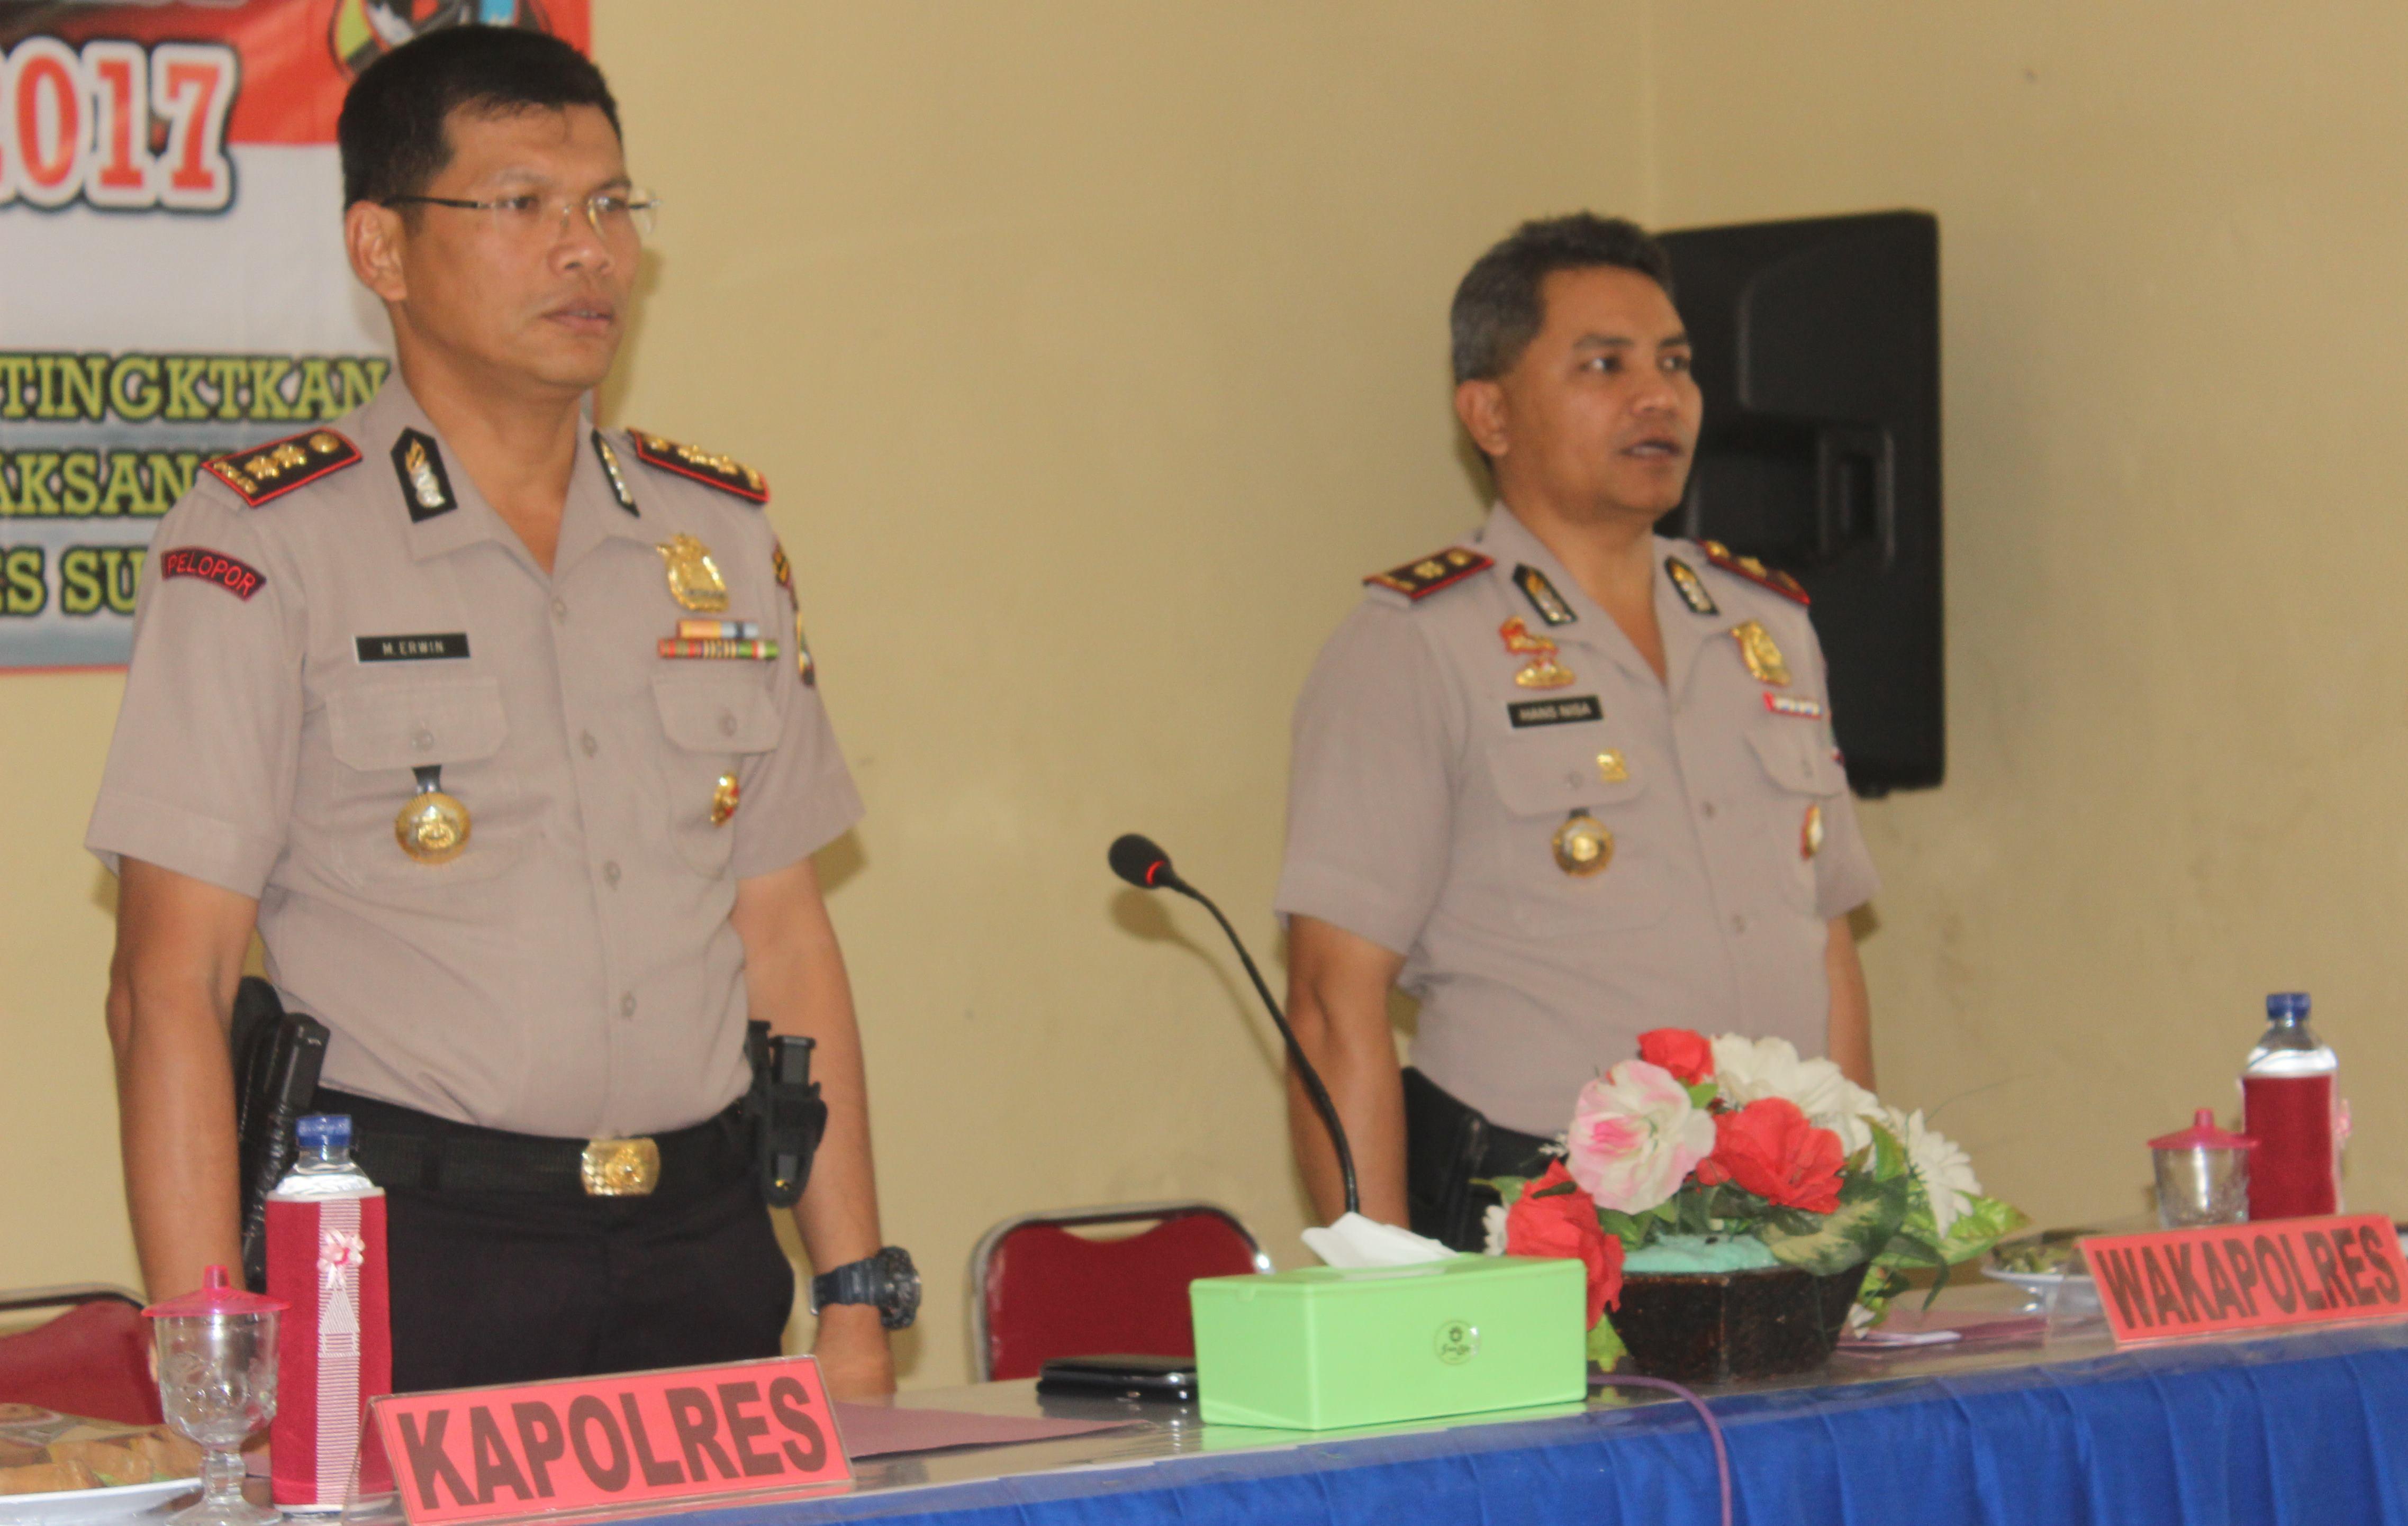 Kapolres AKBP Muhamad Erwin Buka Latihan Pra Operasi Zebra Turangga 2017